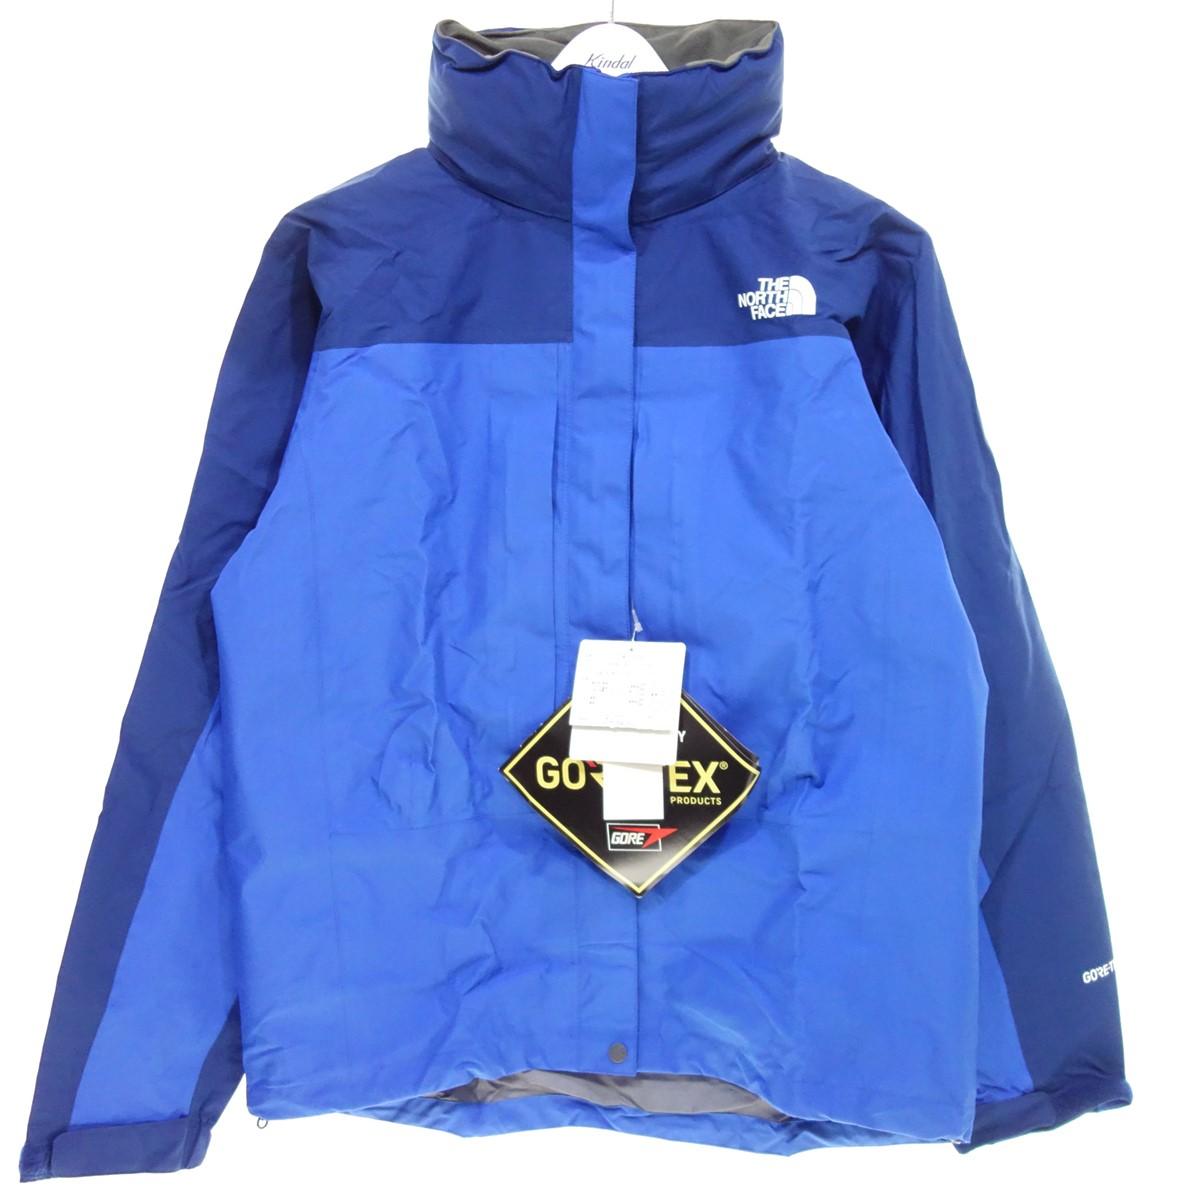 ファッション 【】THE NORTH FACE RAINTEX PLASMA マウンテンジャケットセットアップ ネイビー×ブルー サイズ:L 【060920】(ザノースフェイス), 山本町 f89de3df